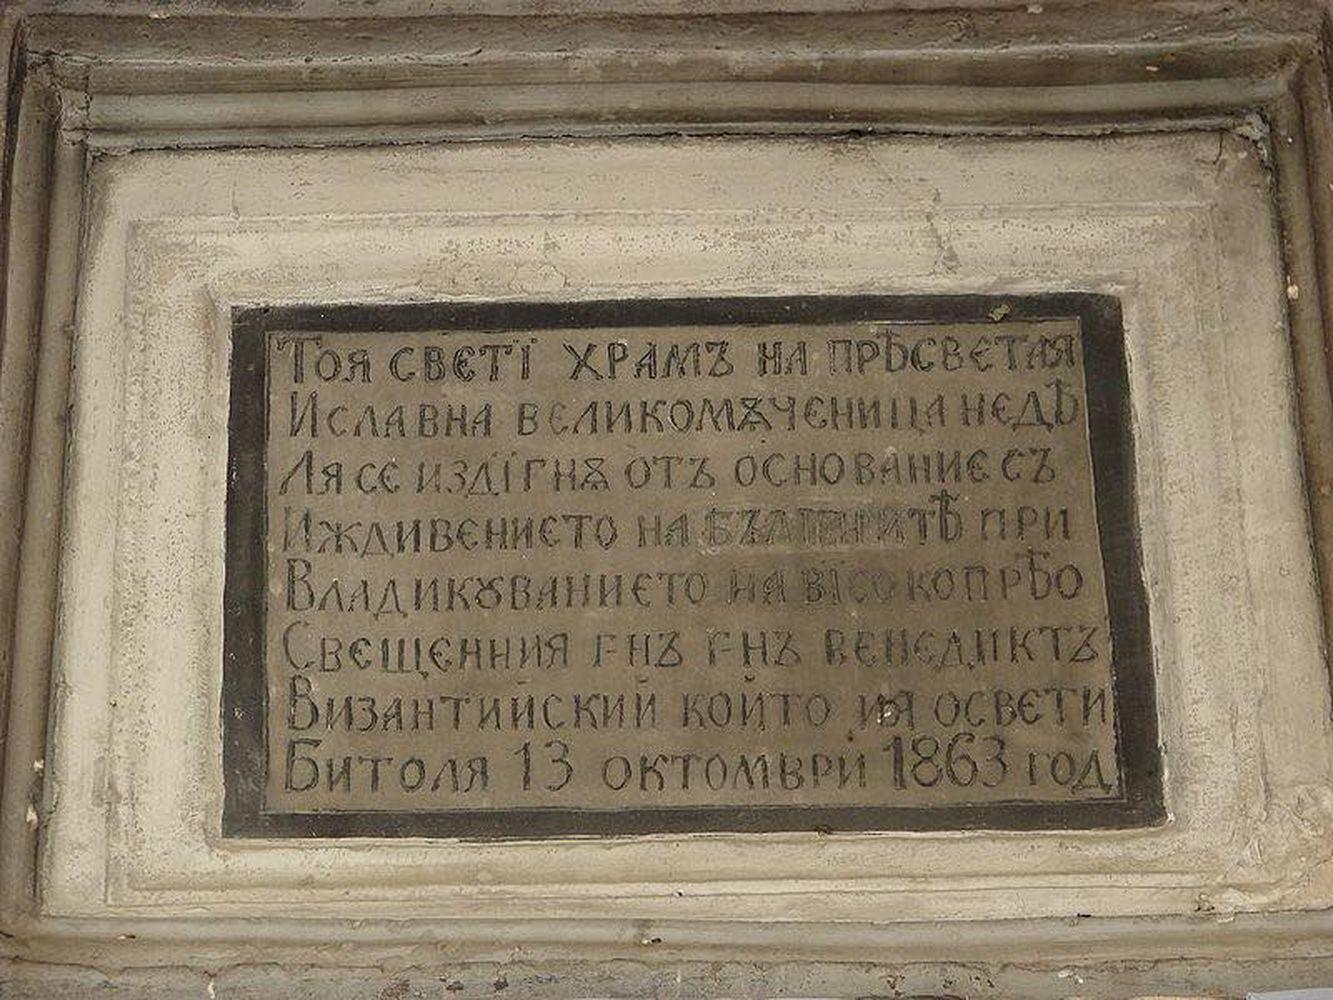 2. Битолски надпис от 1863 година